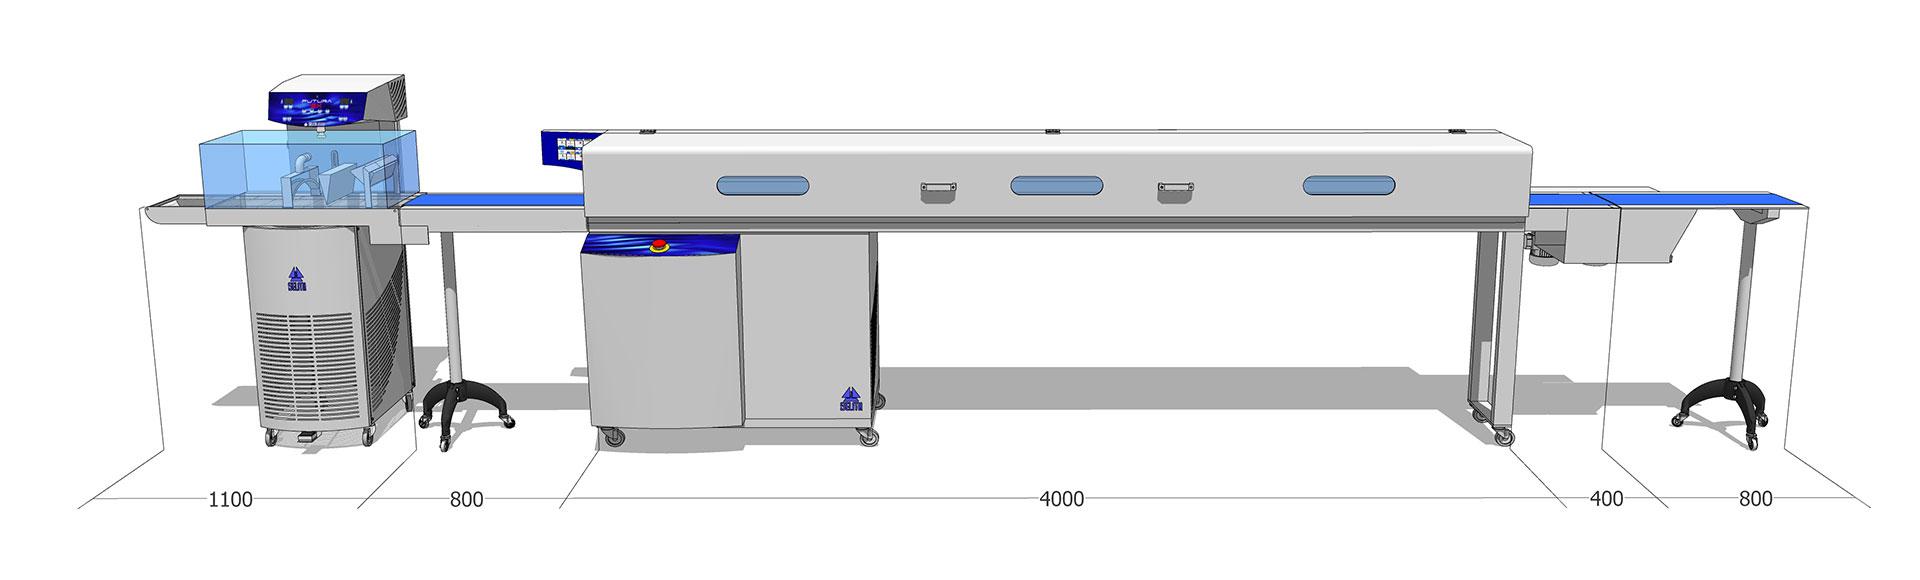 Tunel chłodniczy 250 mm / 4 m z temperówką do czekolady Futura EX